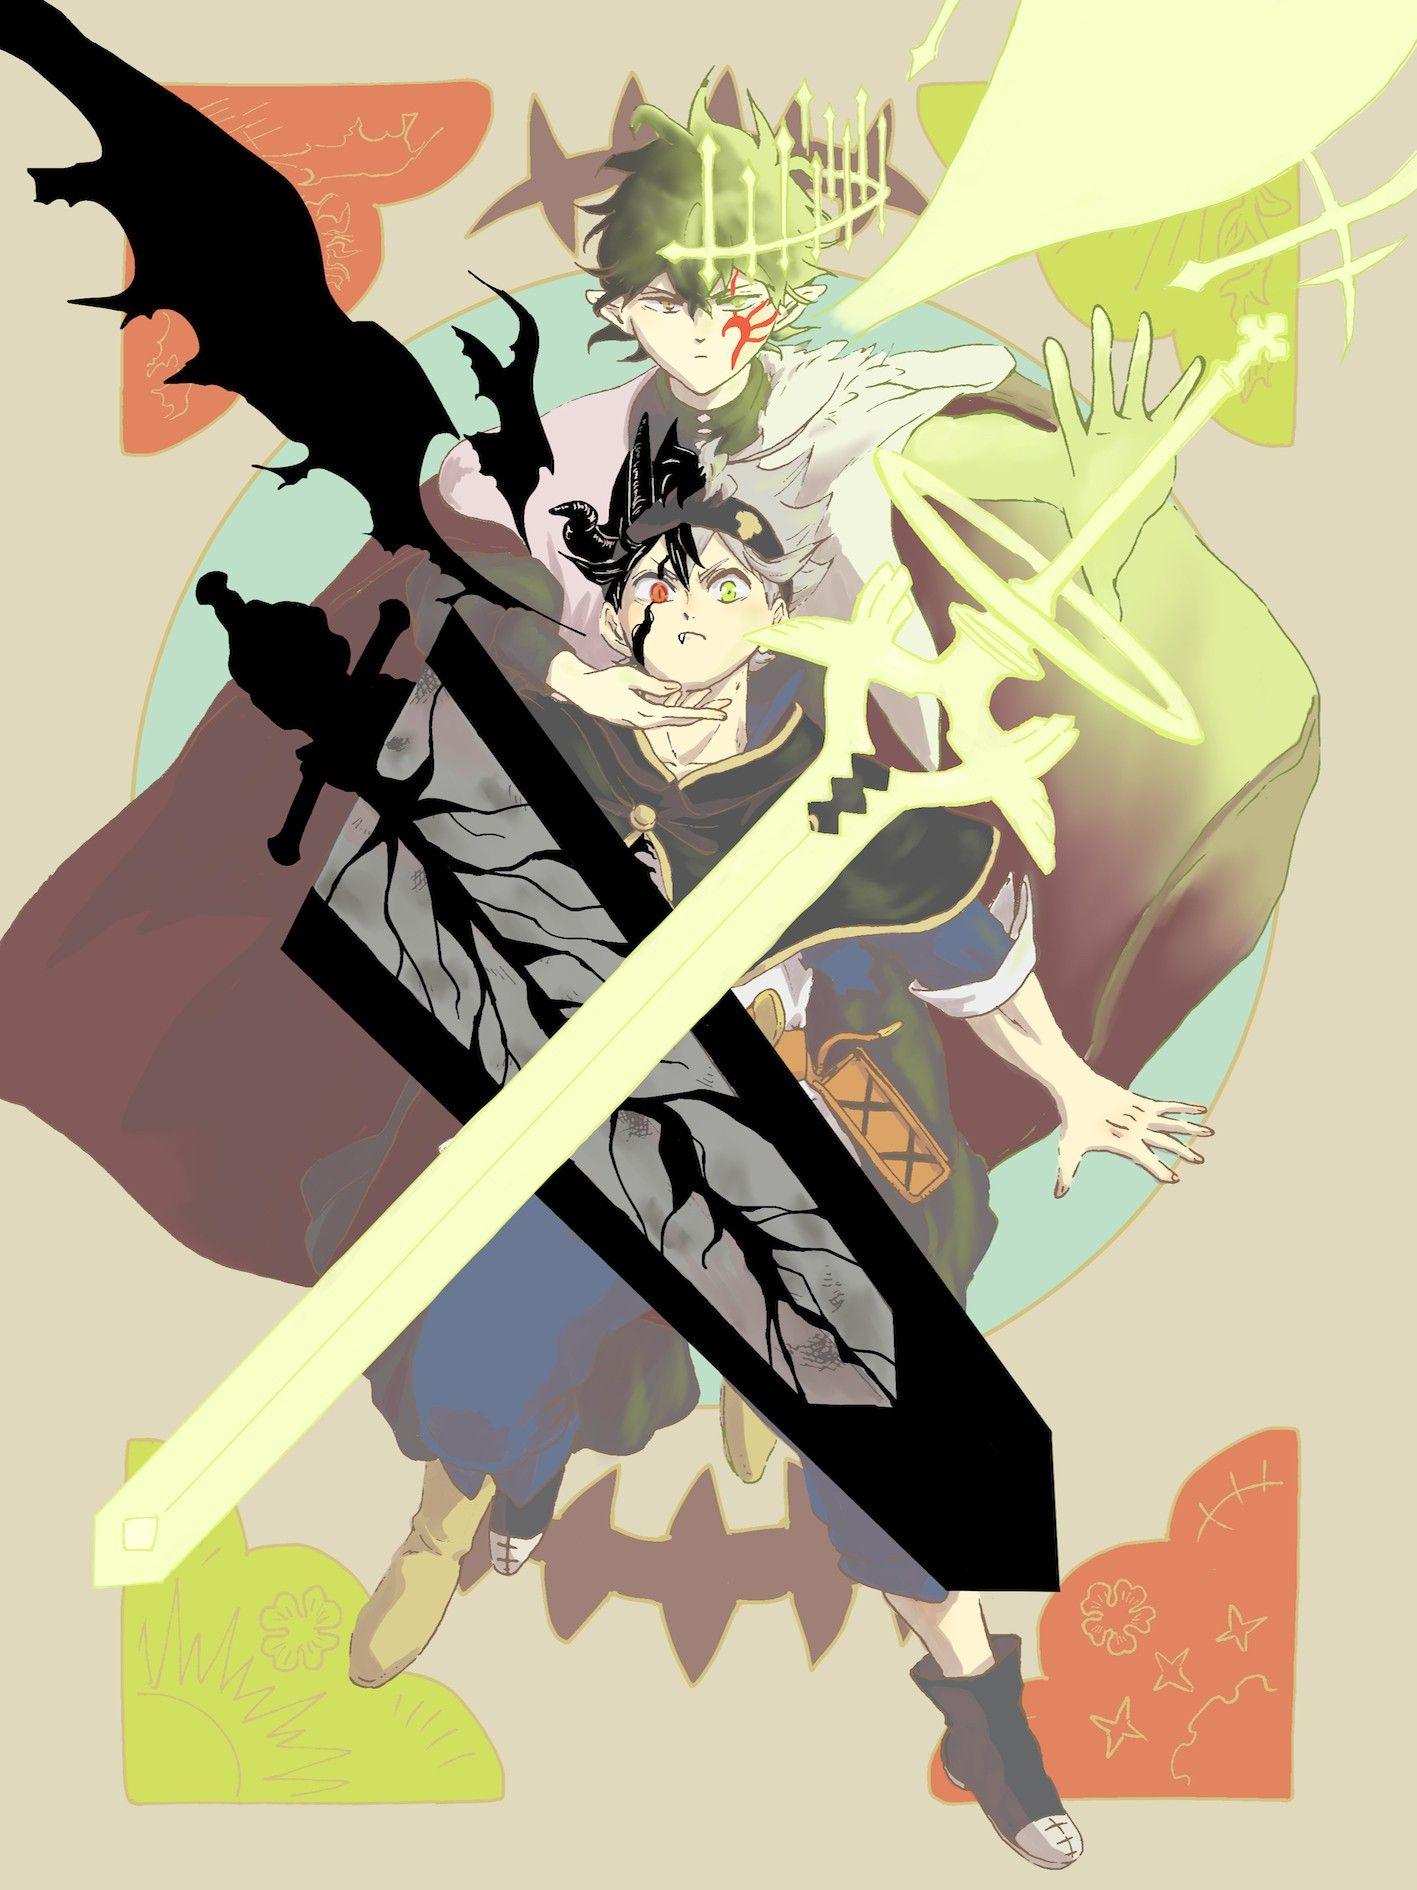 pin by ฑ ฆ มพร คงม ภ กด on black clover in 2020 black clover anime anime wallpaper black clover manga pinterest